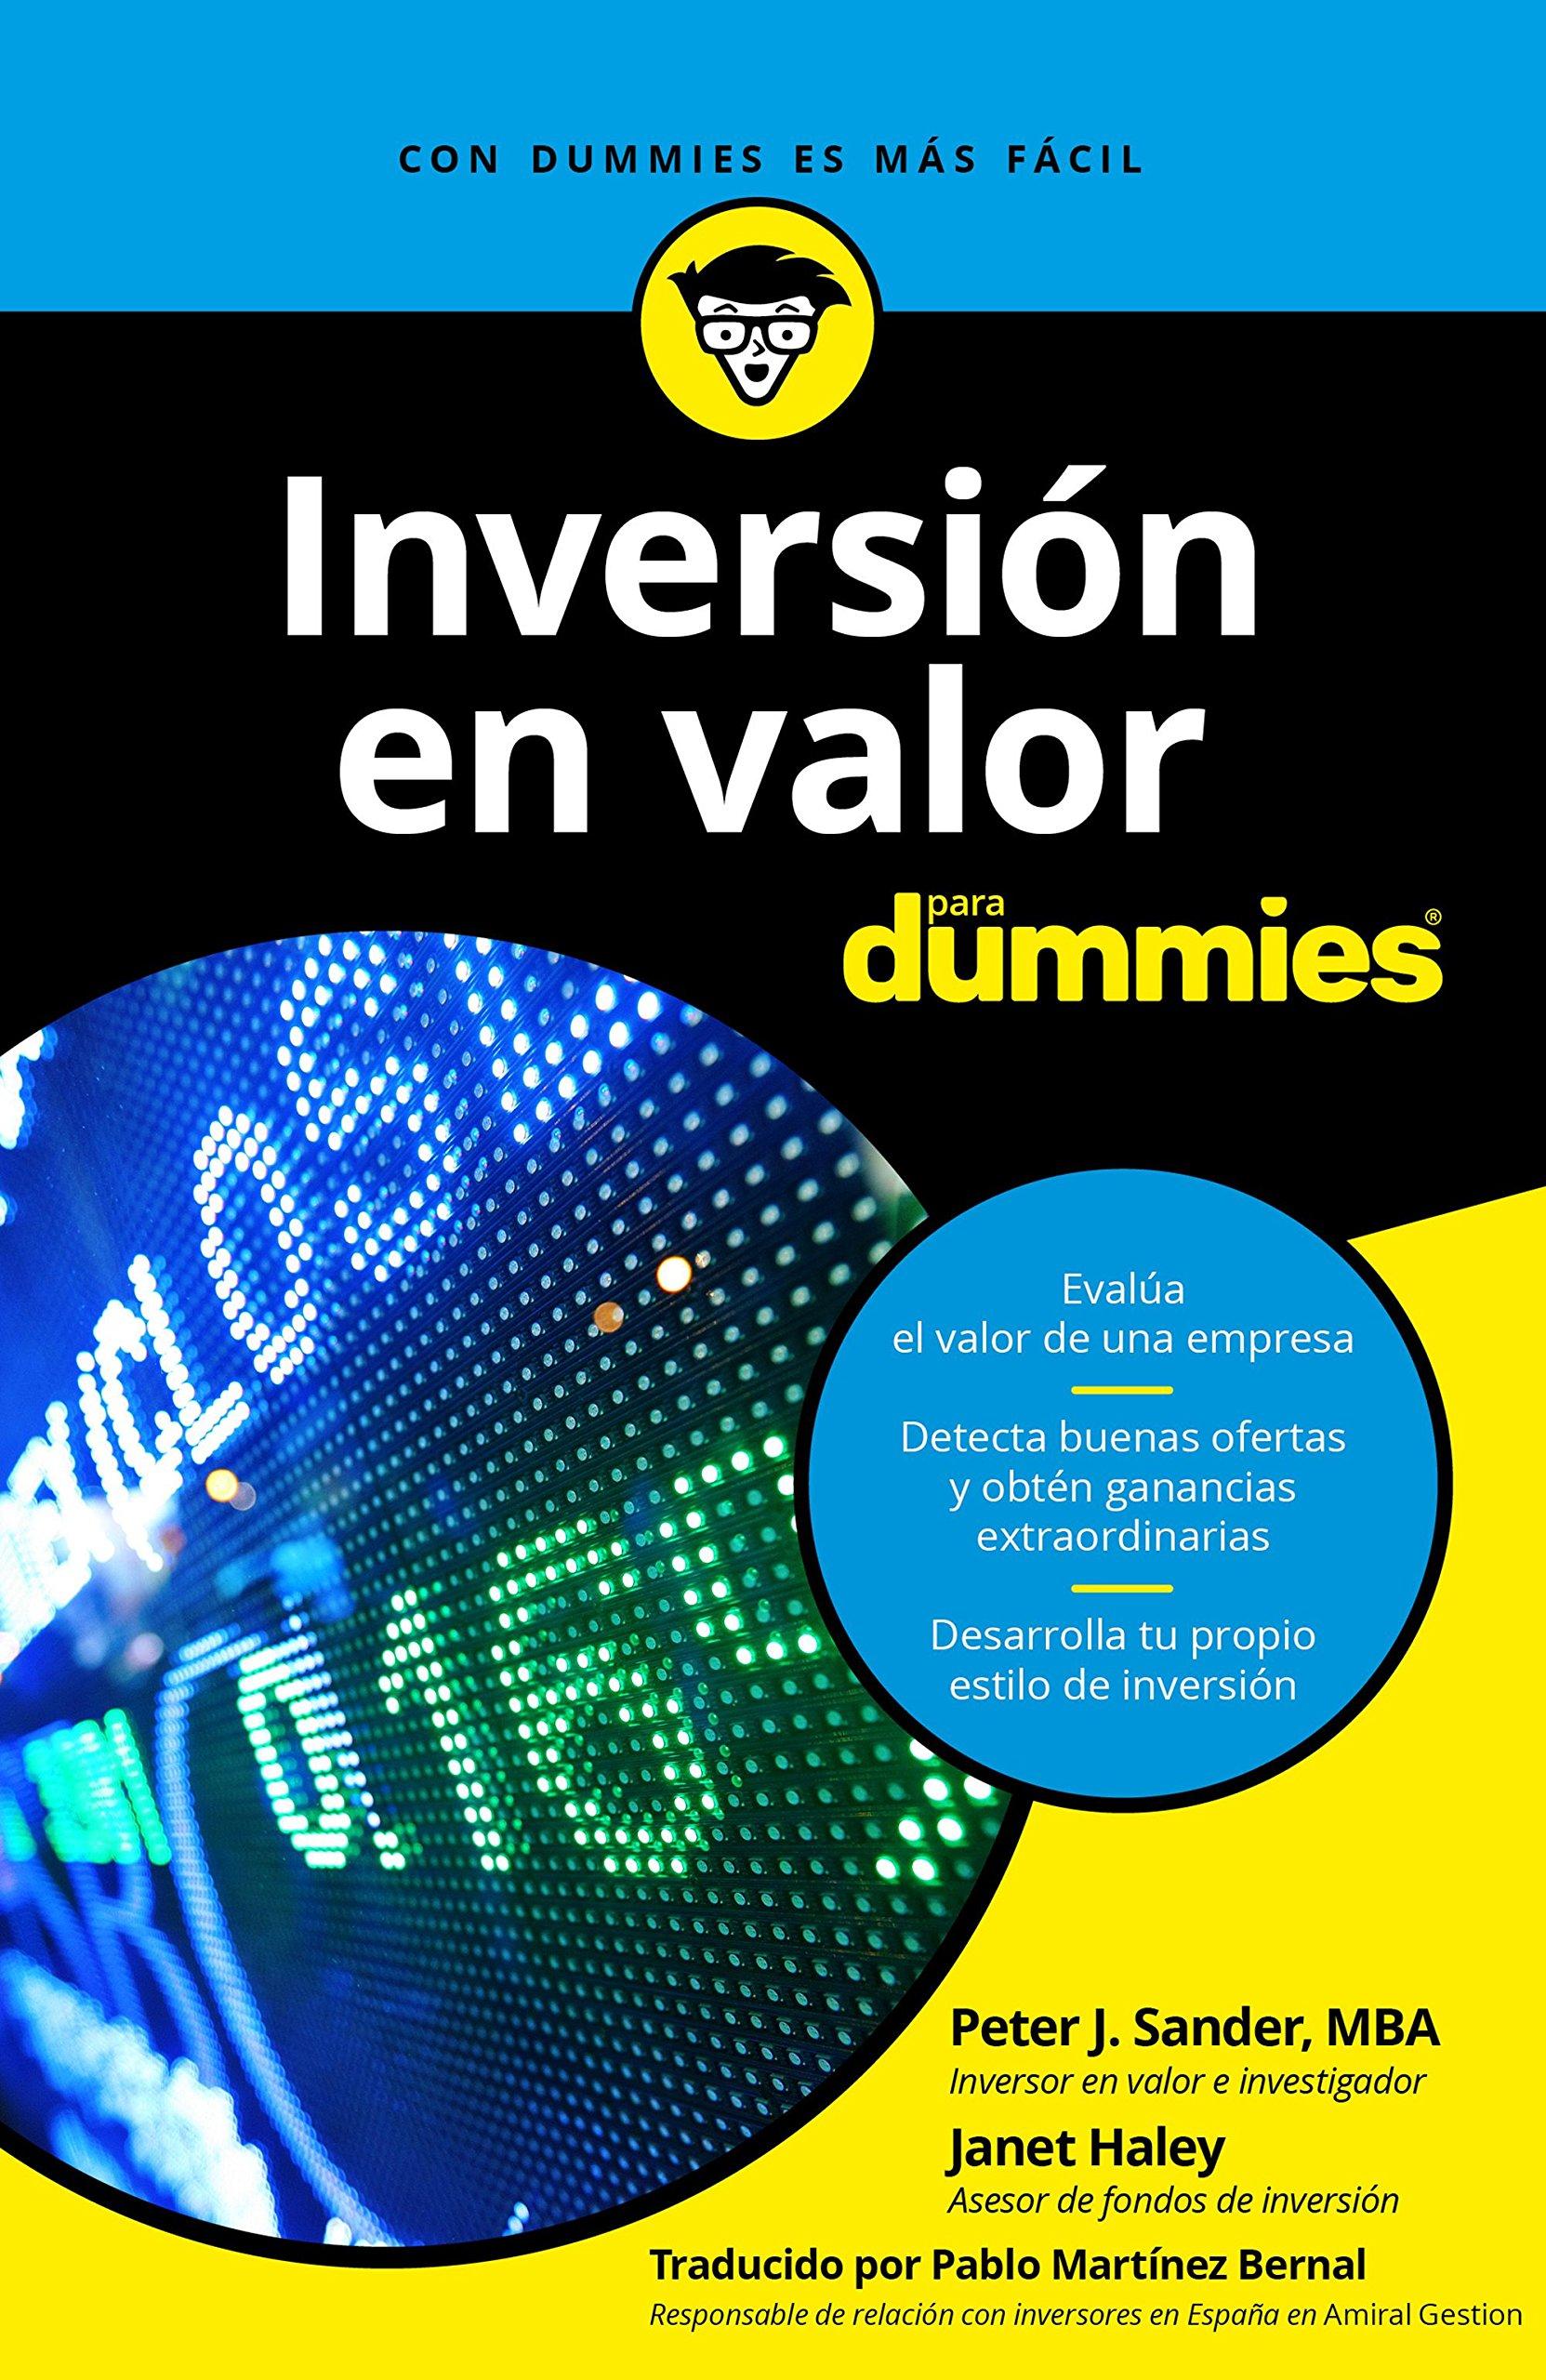 Inversión en valor para Dummies: Amazon.es: Peter J. Sander, Janet Haley, Pablo Martínez Bernal: Libros